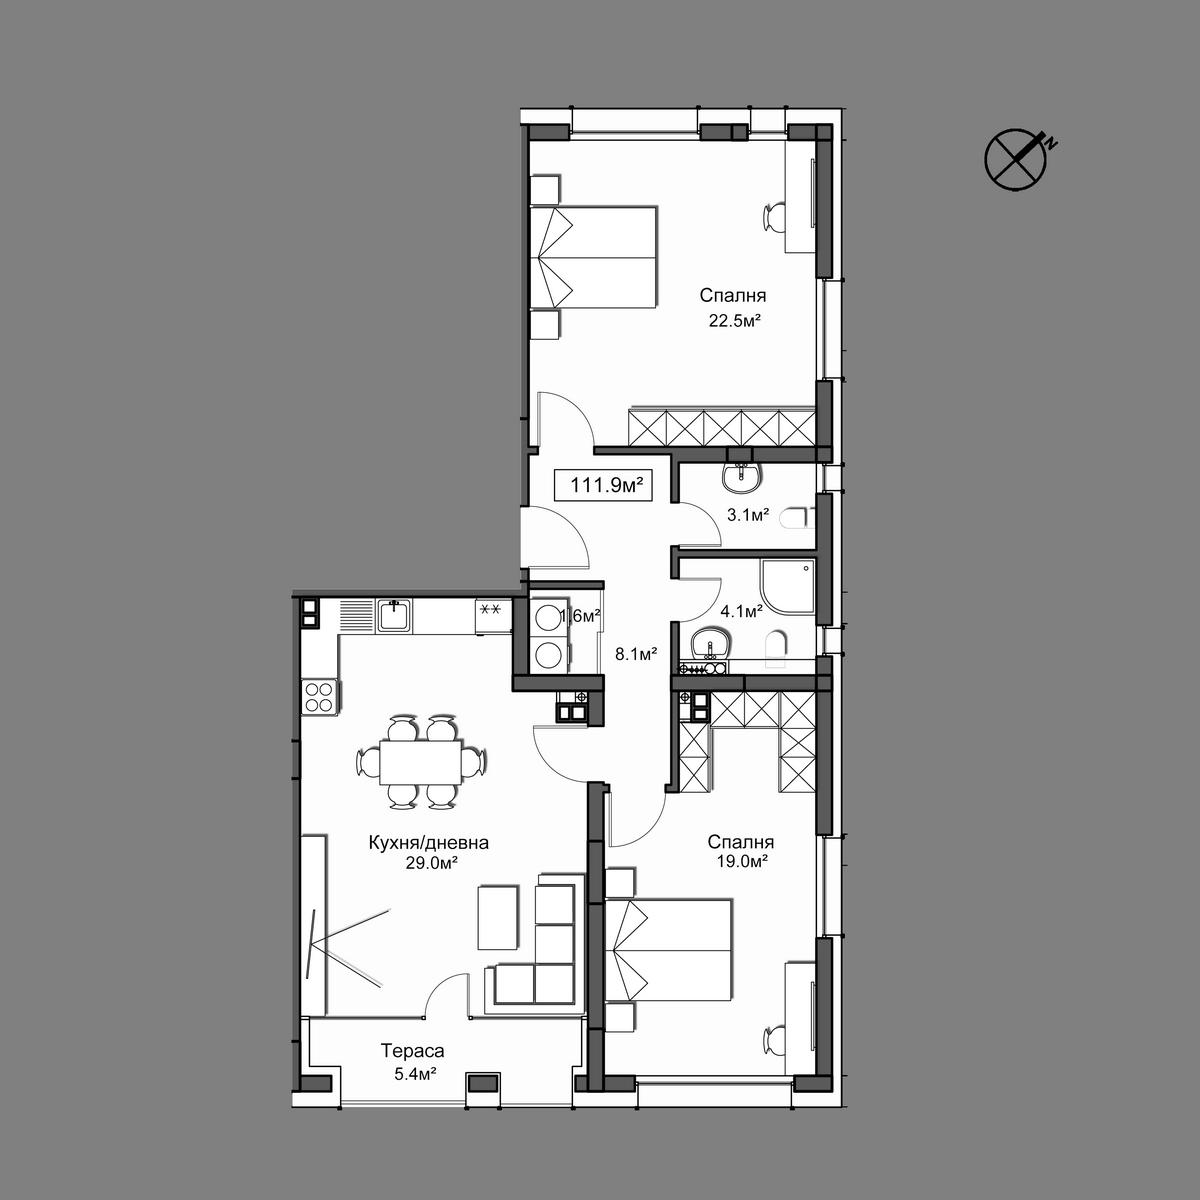 Апартамент 34